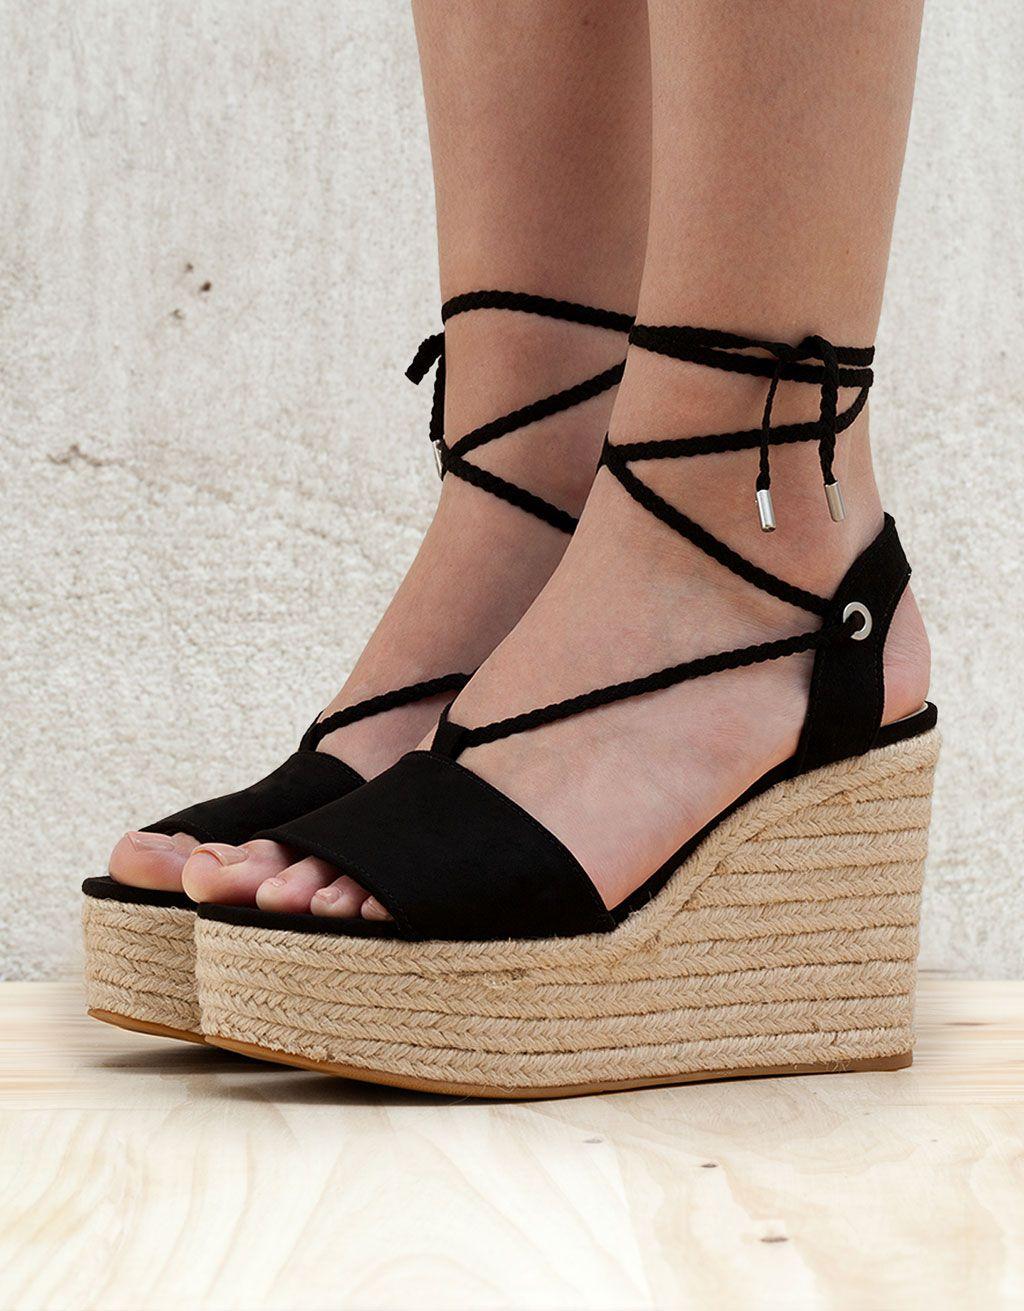 Mujeres Damas ALPARGATAS CUÑAS de verano Zapatos De Tacón Altos Tiras Fiesta Sandalias Talla - Negro Ante Artificial, 41